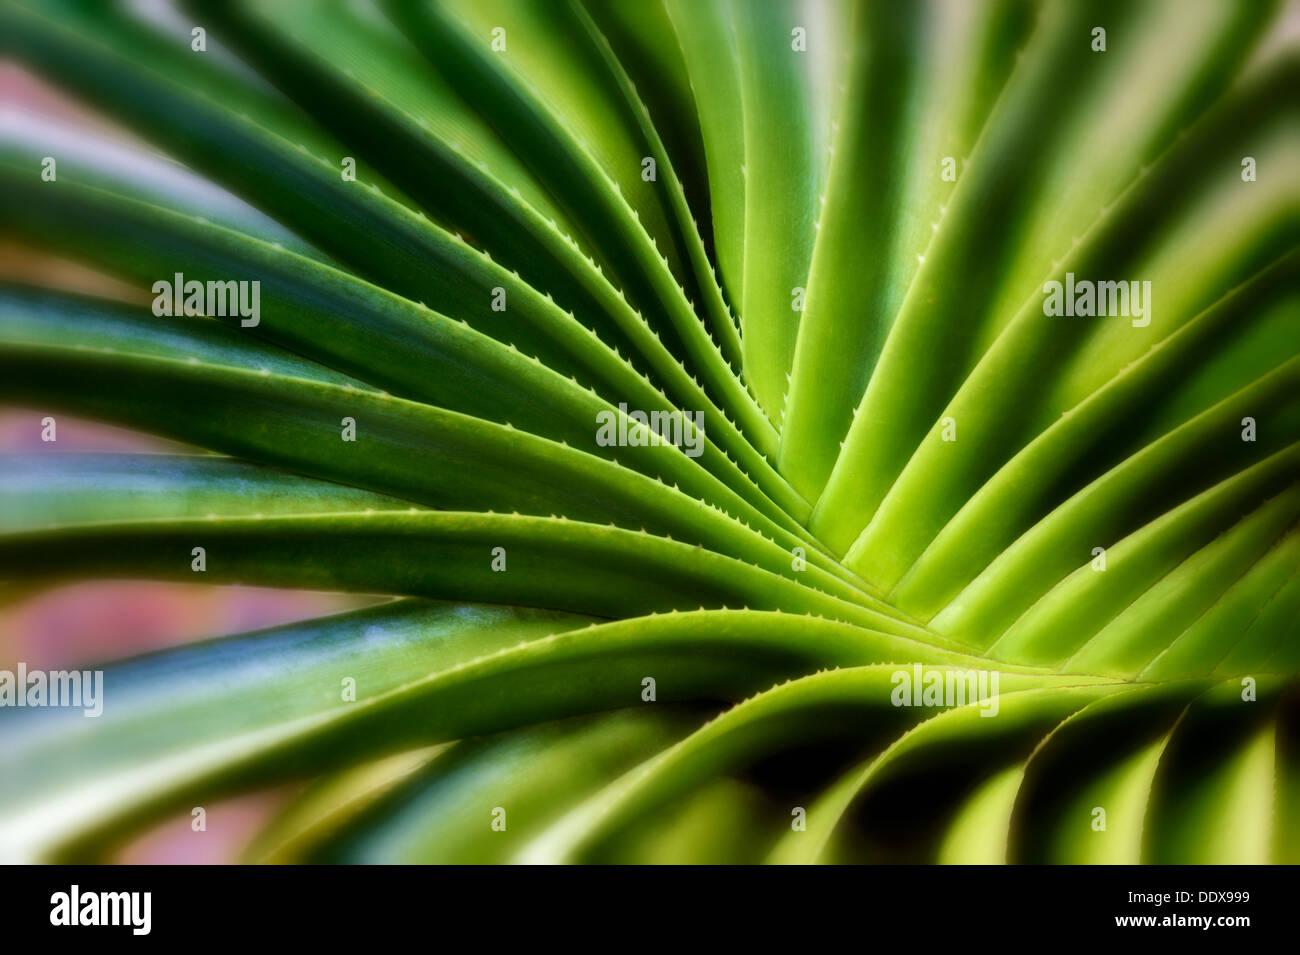 Moto vorticoso delle foglie di piante succulente. Bora Bora. Polinesia francese. Immagini Stock